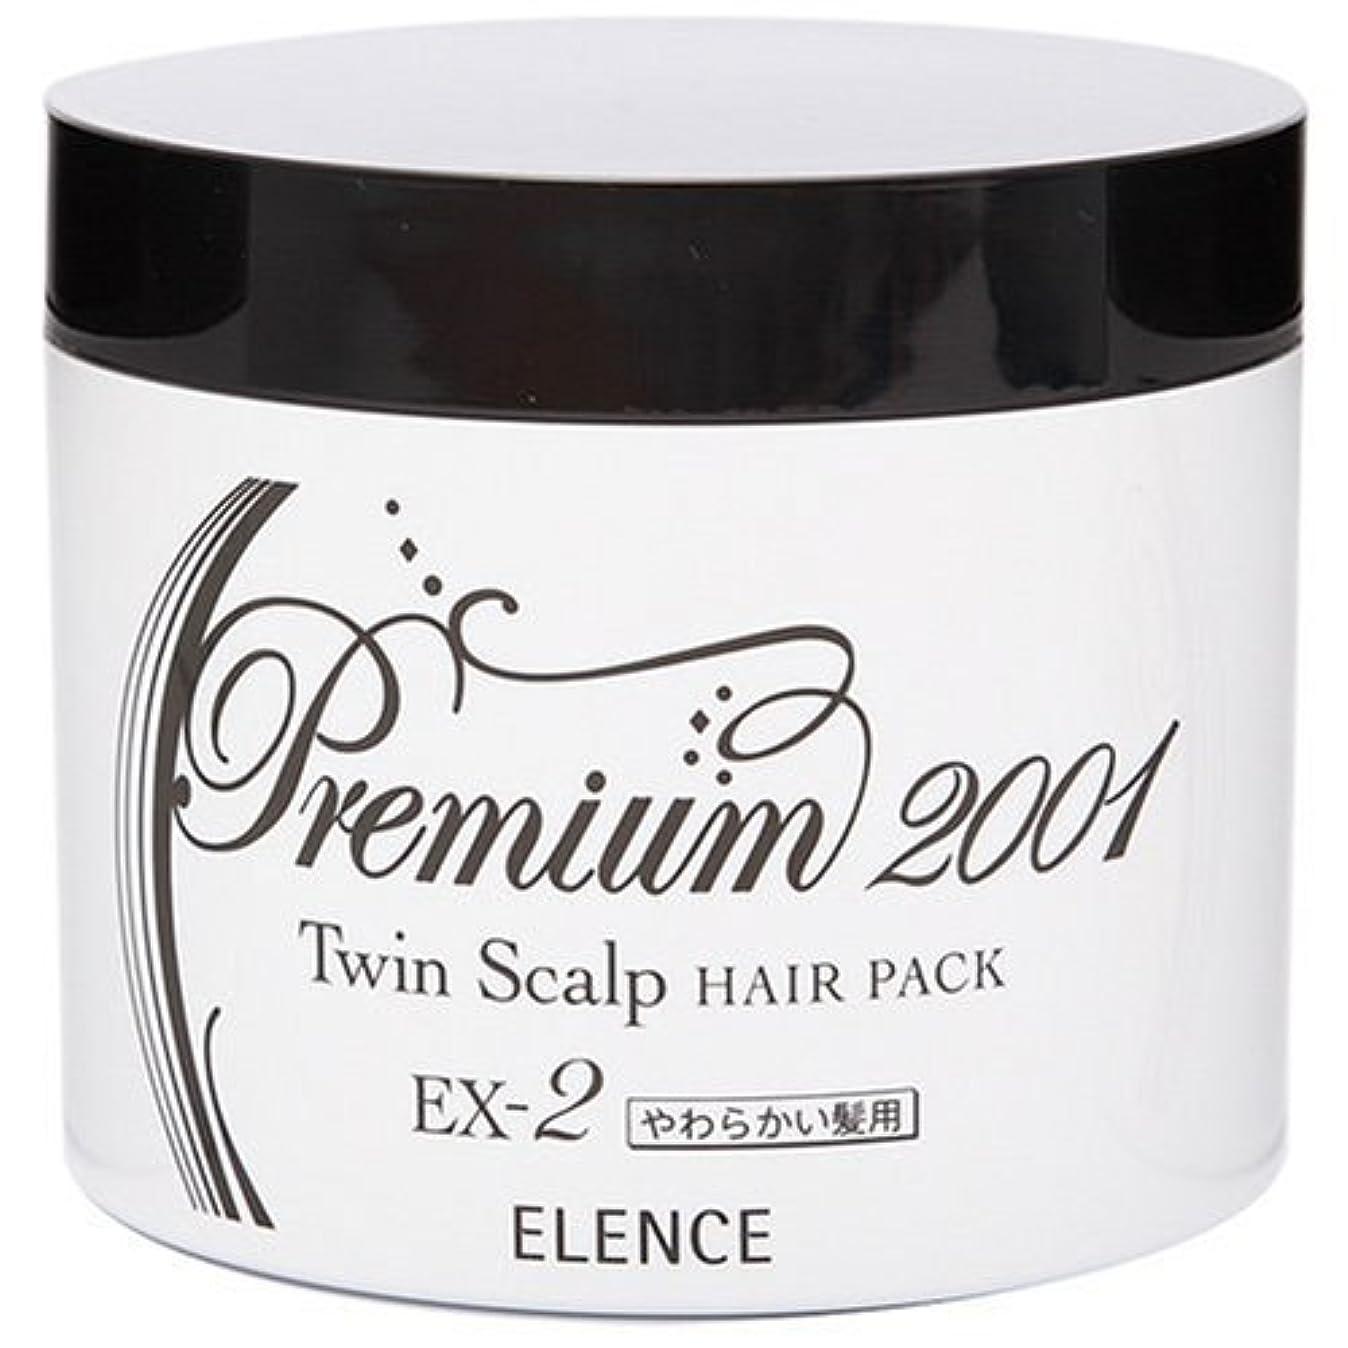 ペア荒らす線エレンス2001 ツインスキャルプヘアパックEX-2(やわらかい髪用)